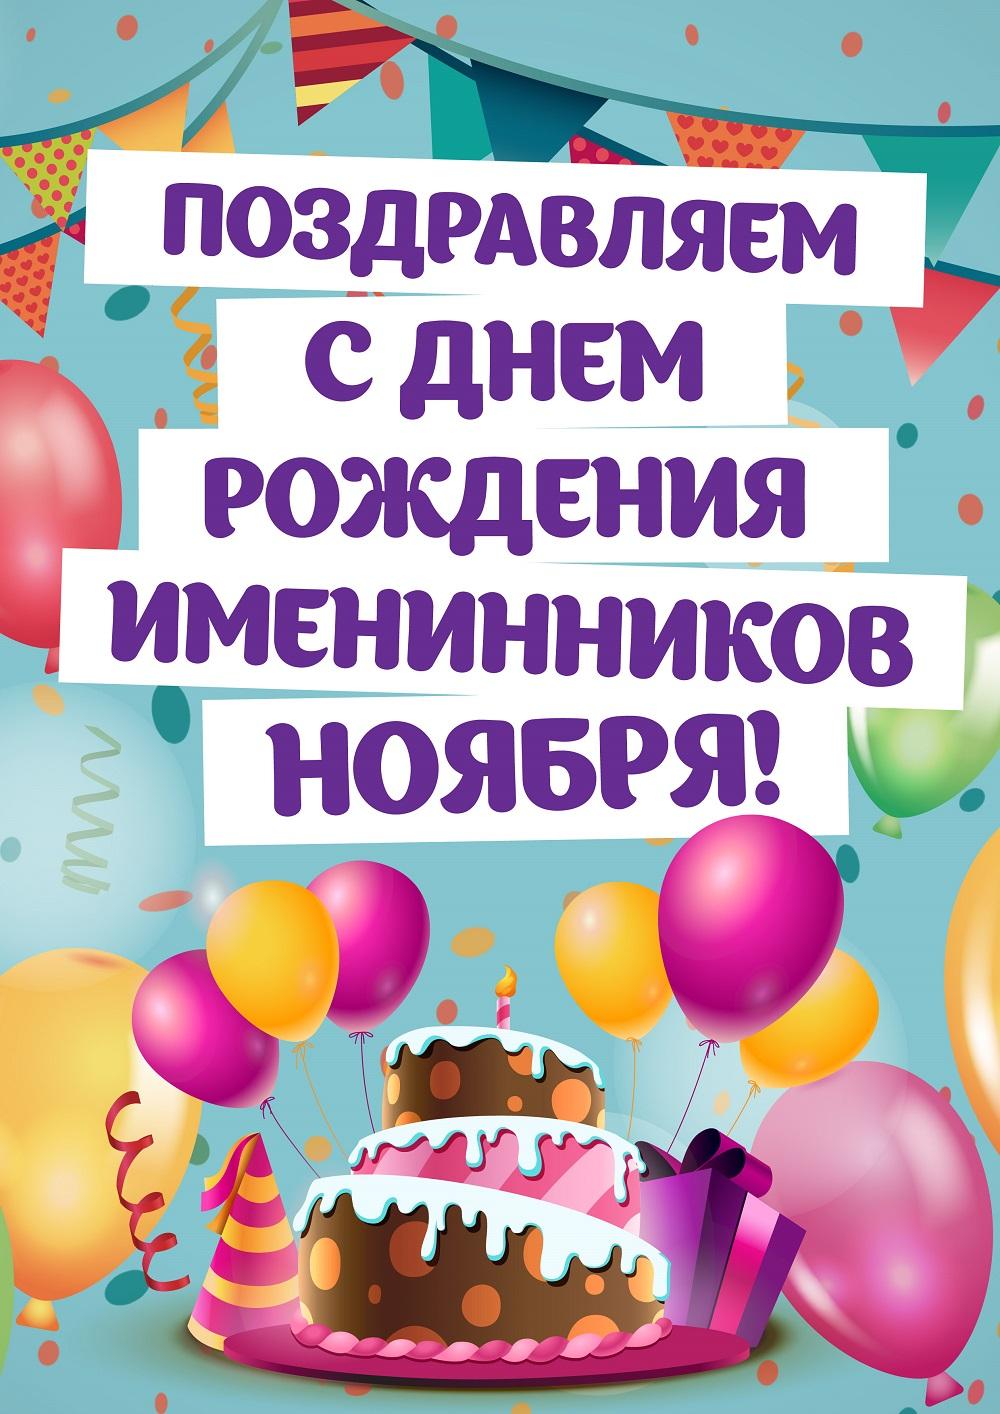 Тема, открытки с днем рождения в сентябре коллегам